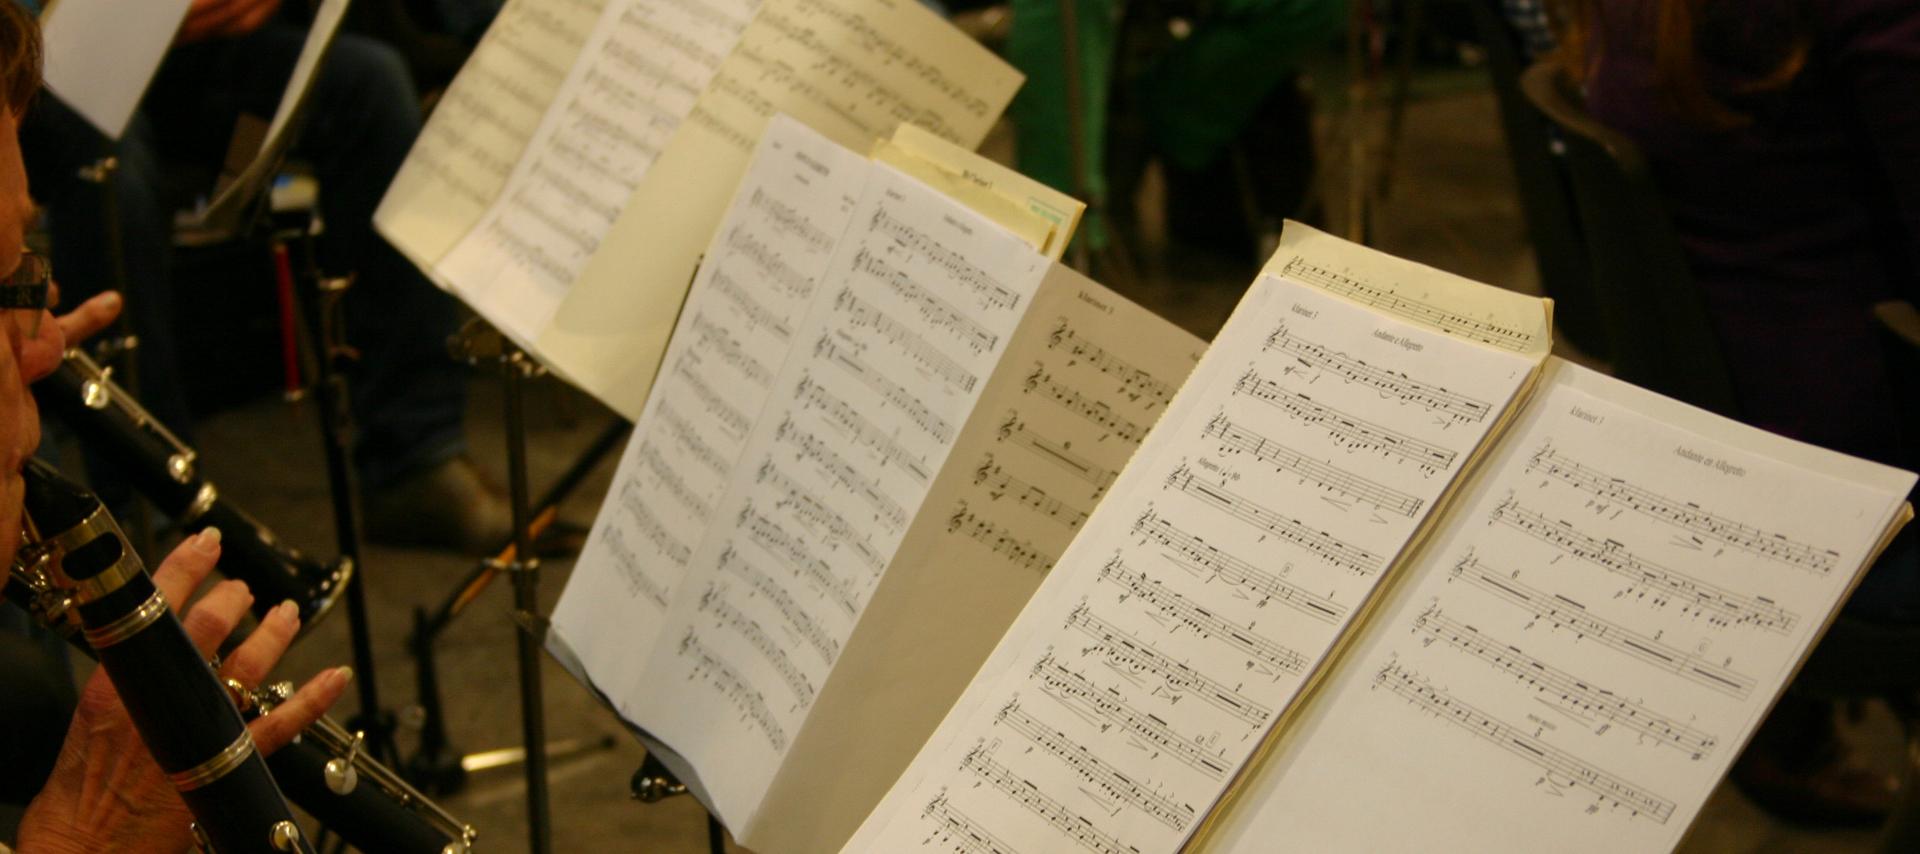 voor muzikale bezigheden